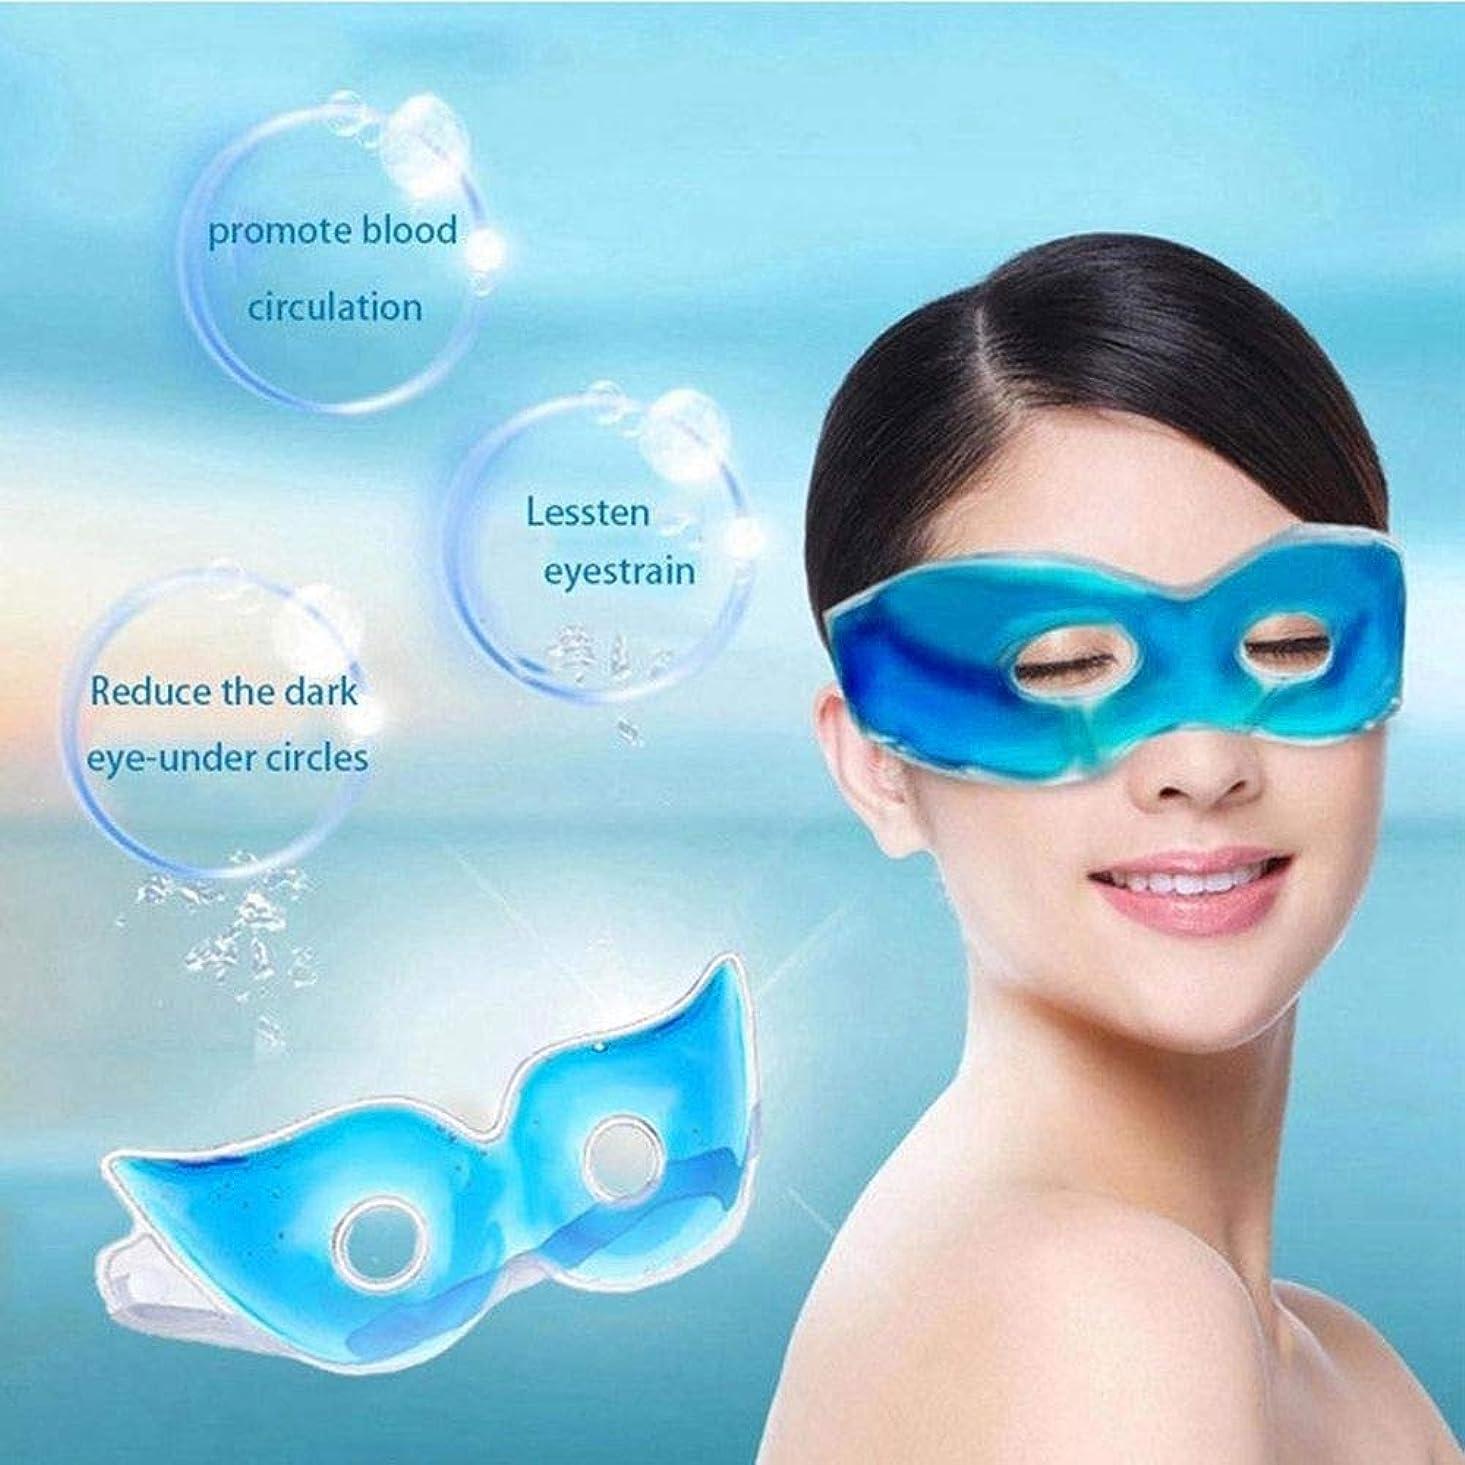 投票陰気助けになるNOTE アイスアイジェルスリーピングアイマスク美容ダークサークルを軽減疲労を軽減アイストレイン1個アイジェルパッチマスク